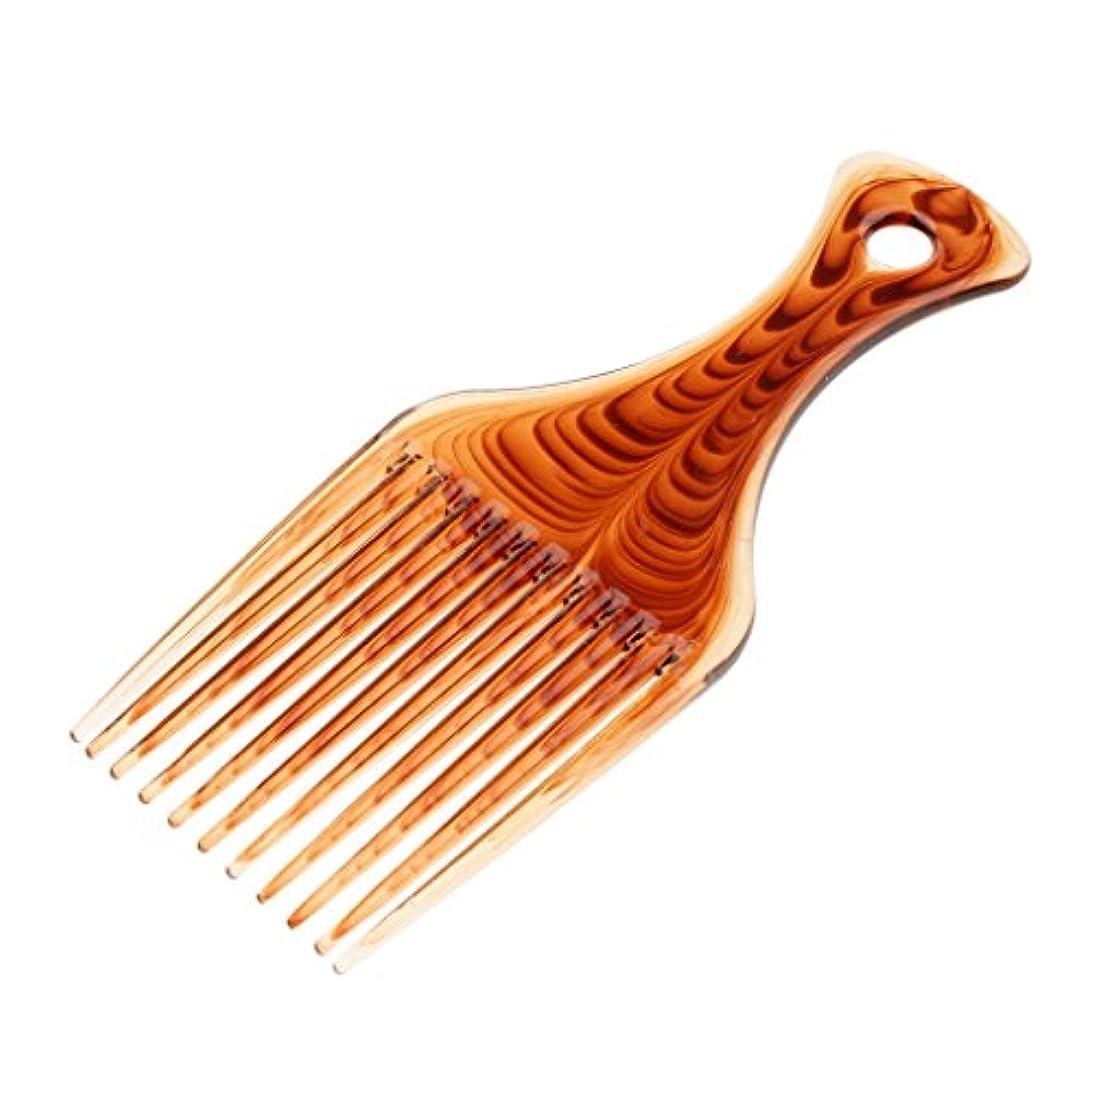 作る扇動する尊敬Kesoto ヘアコーム ヘアブラシ くし プラスチック製 アフロ 髪の櫛 かつらにも適用 スタイリング 持ち上げ ヘアブラシ